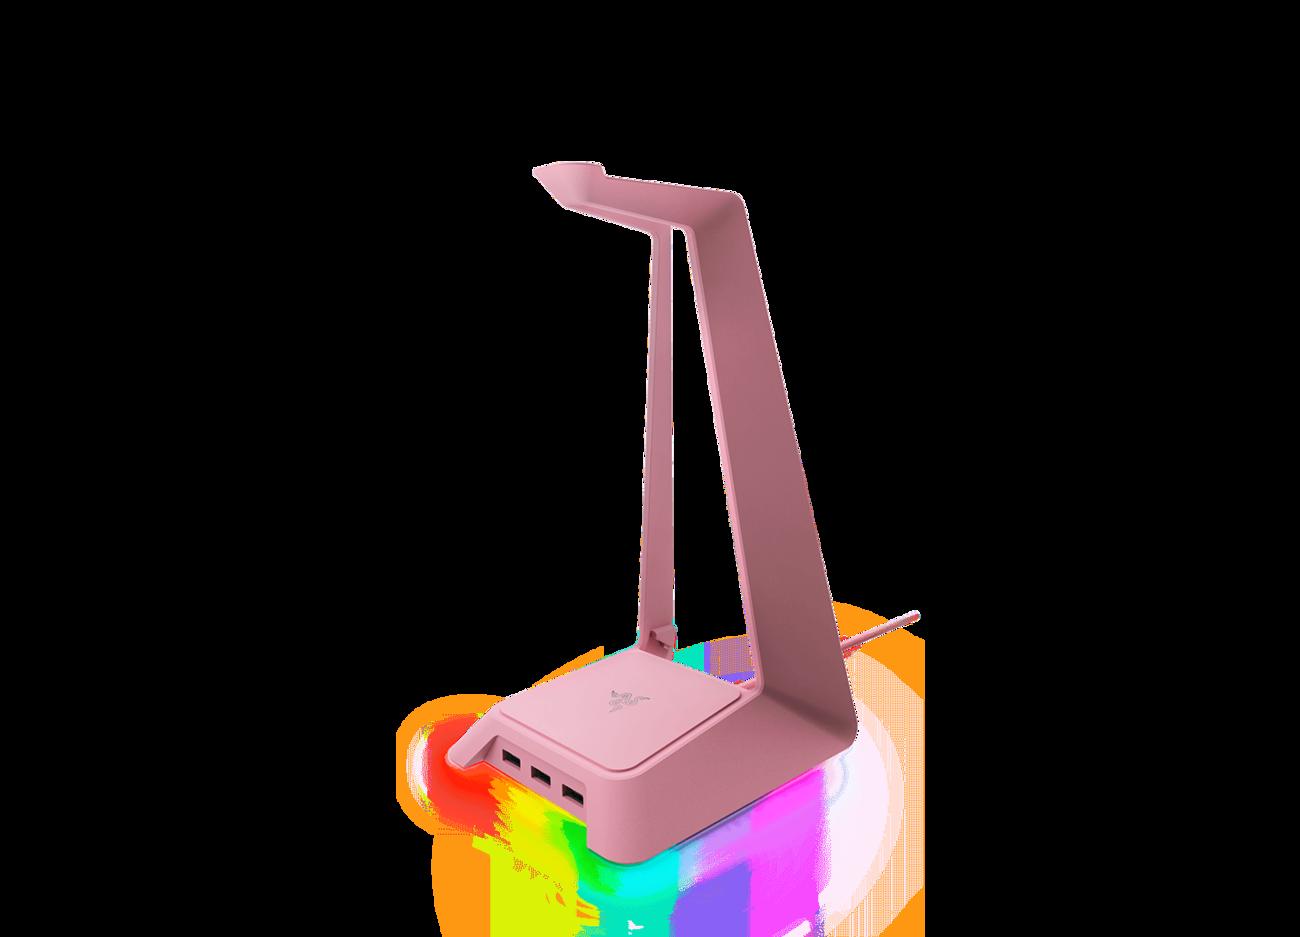 RAZER BASE STATION CHROMA - QUARTZ EDITION Quartz Pink